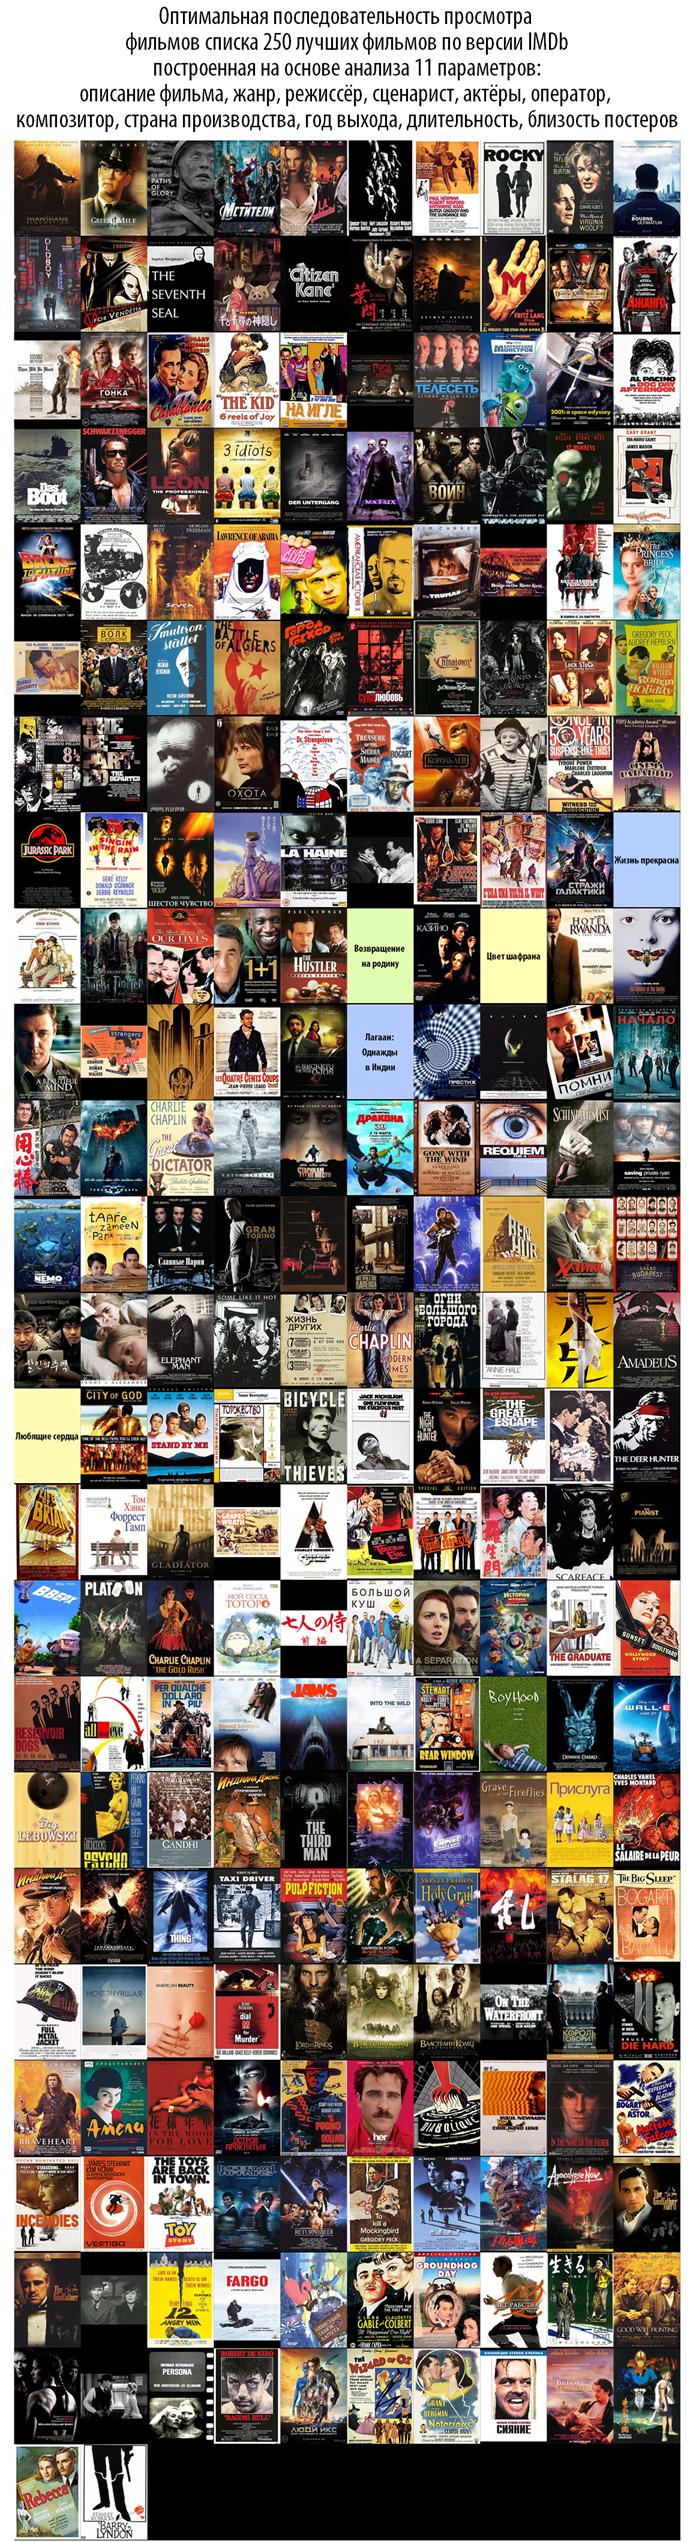 Топ 10 из списка 250 фильмов по версии IMDB - Изображение 5